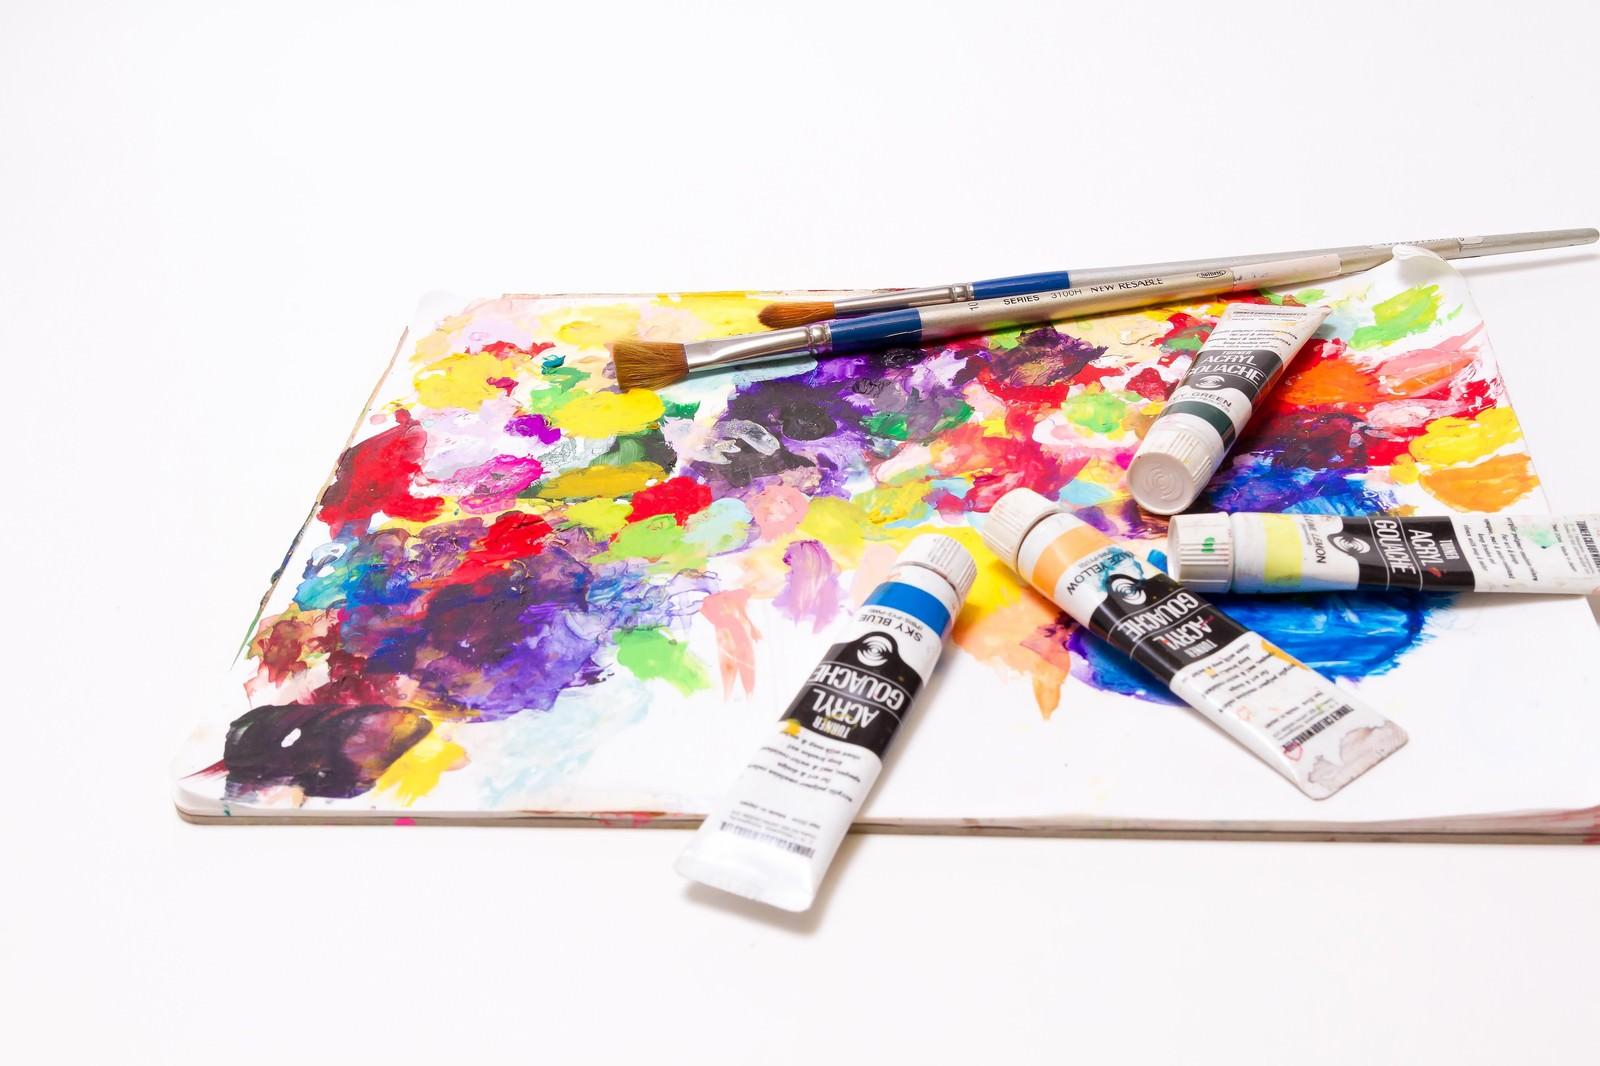 絵具とパレット筆無料の写真素材はフリー素材のぱくたそ